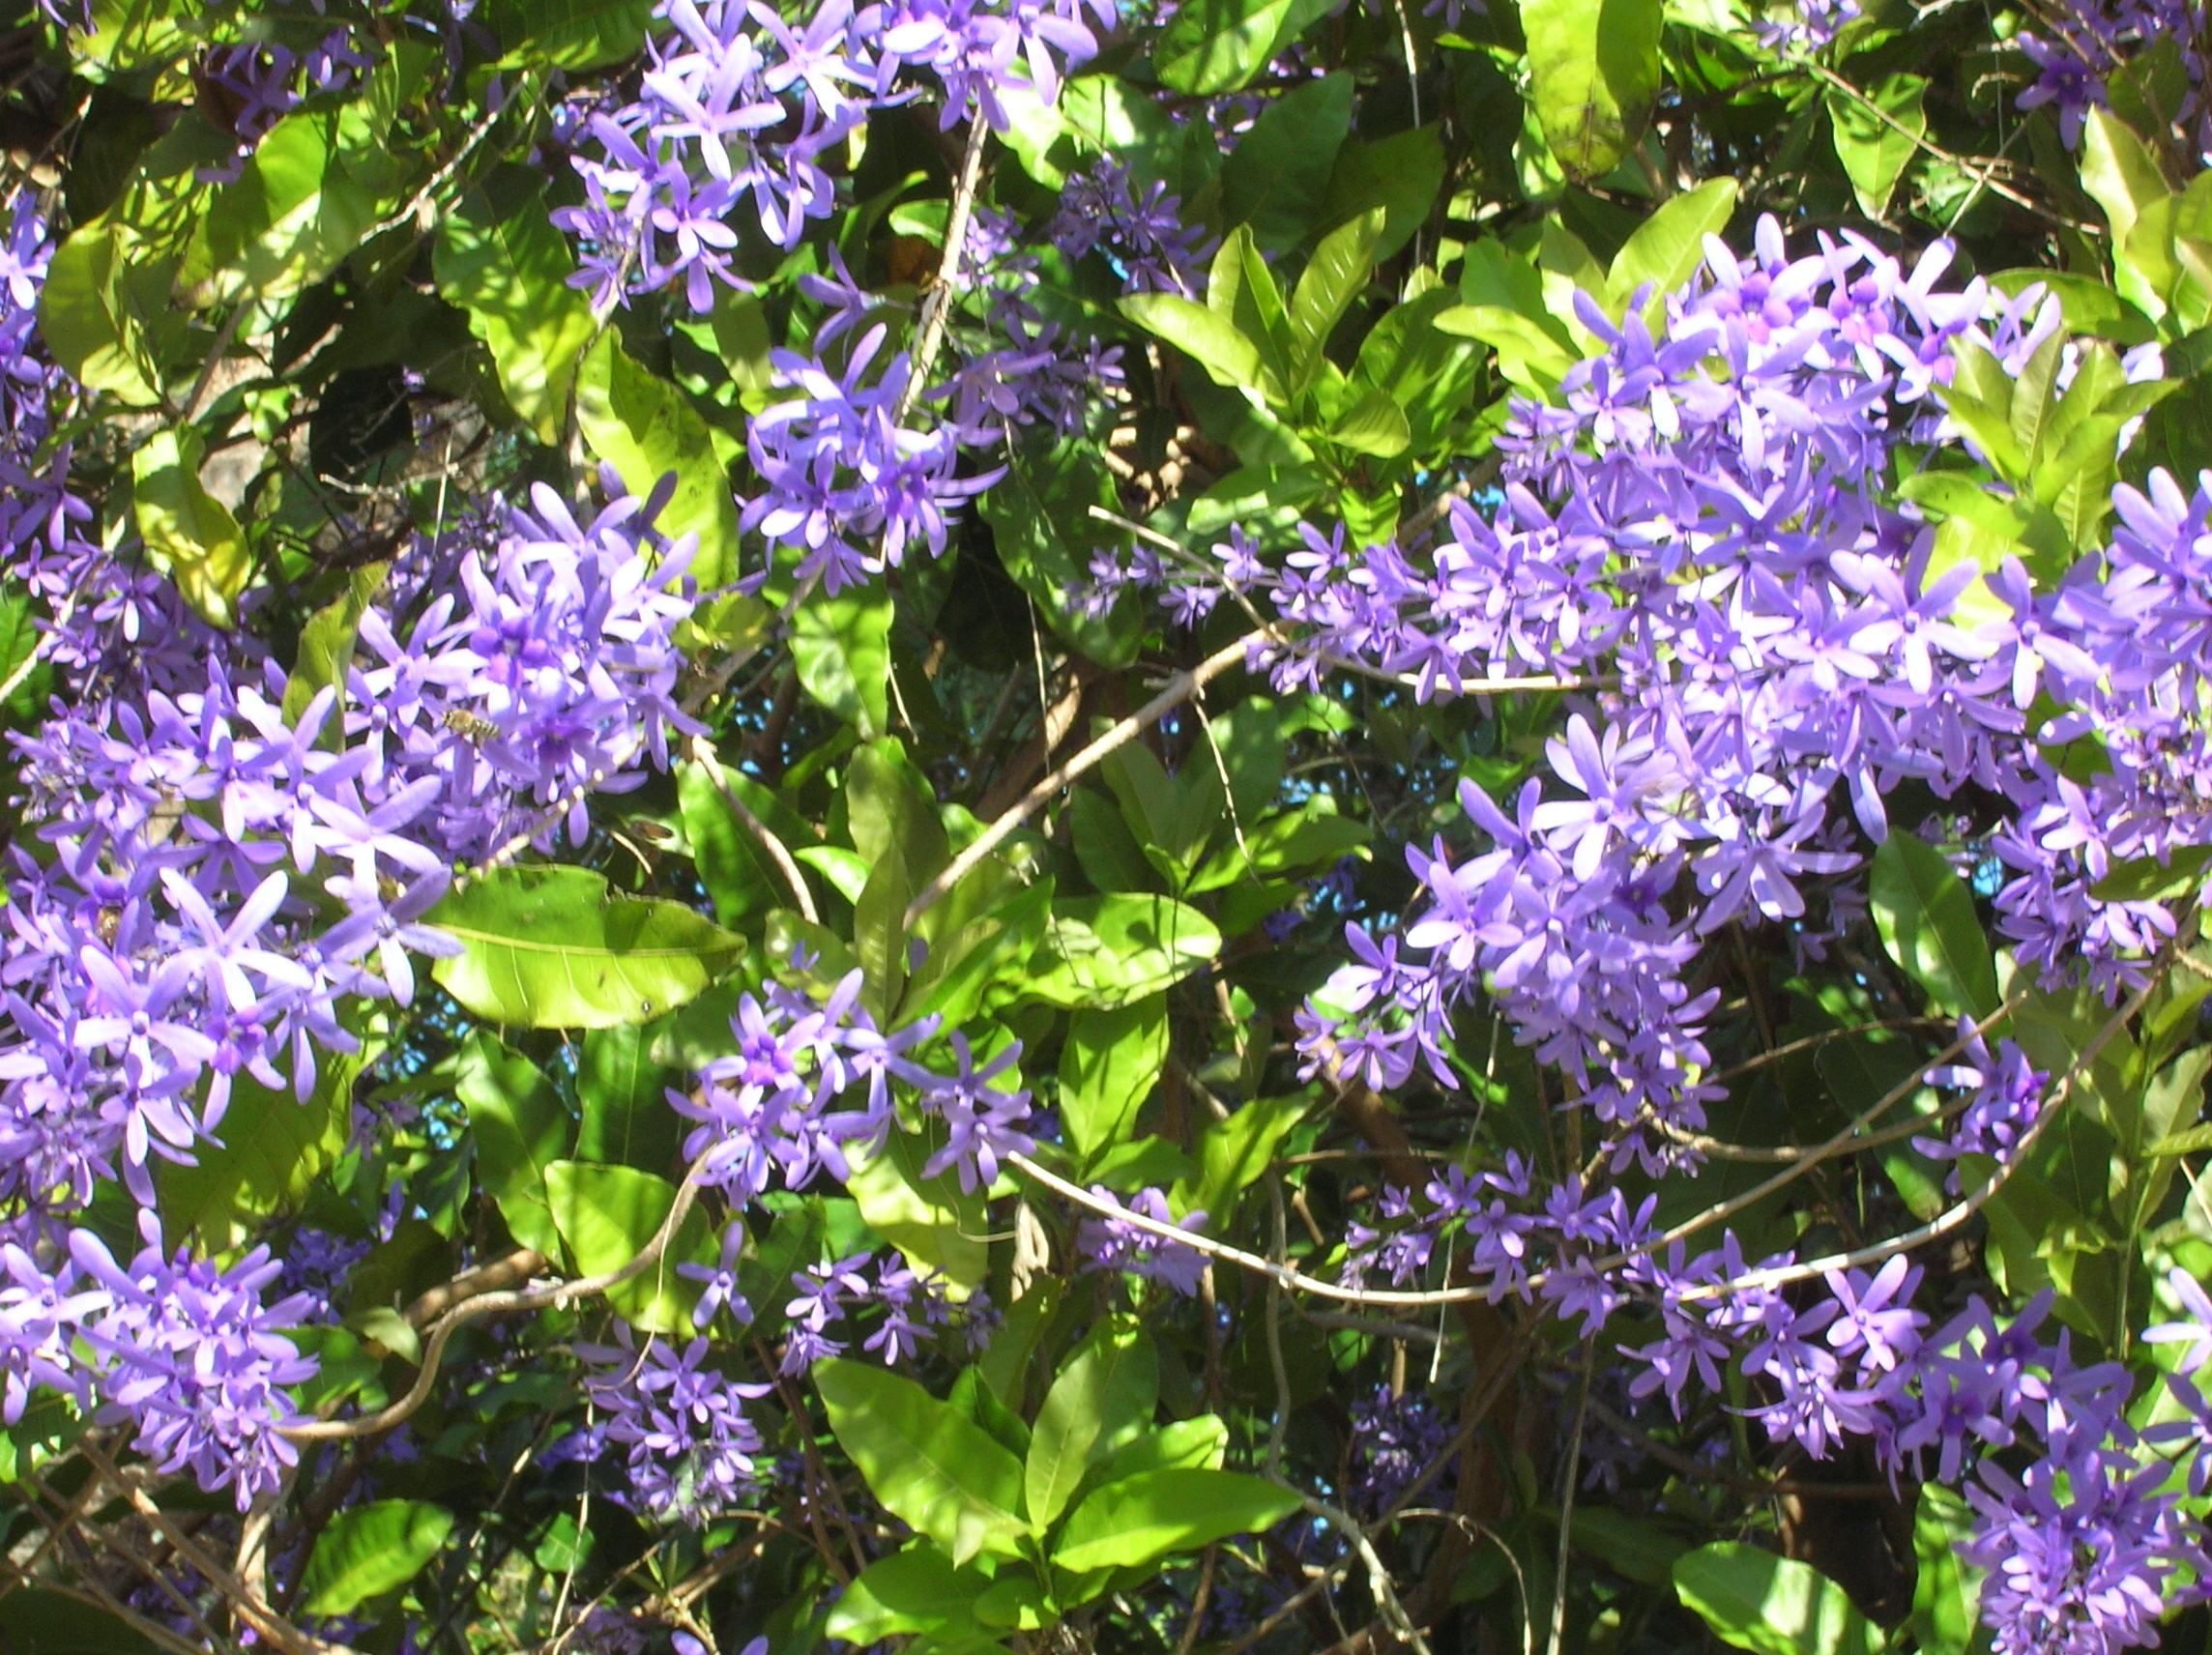 Flowering Almond Tree Lundvik Lyrics